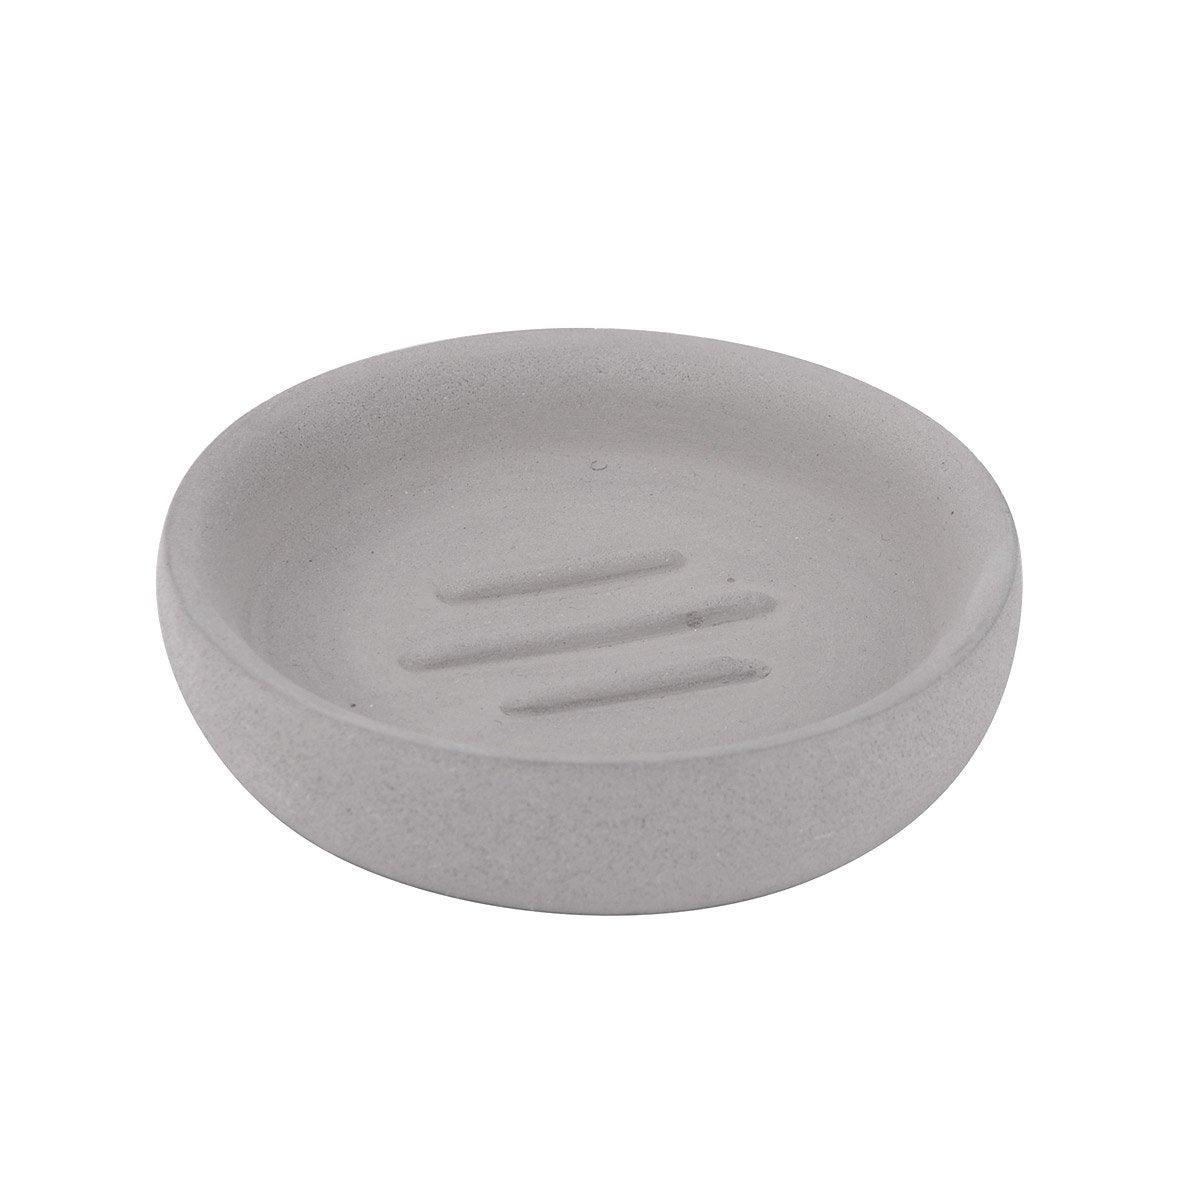 Porte-savon béton Apollon, gris clair Apollon